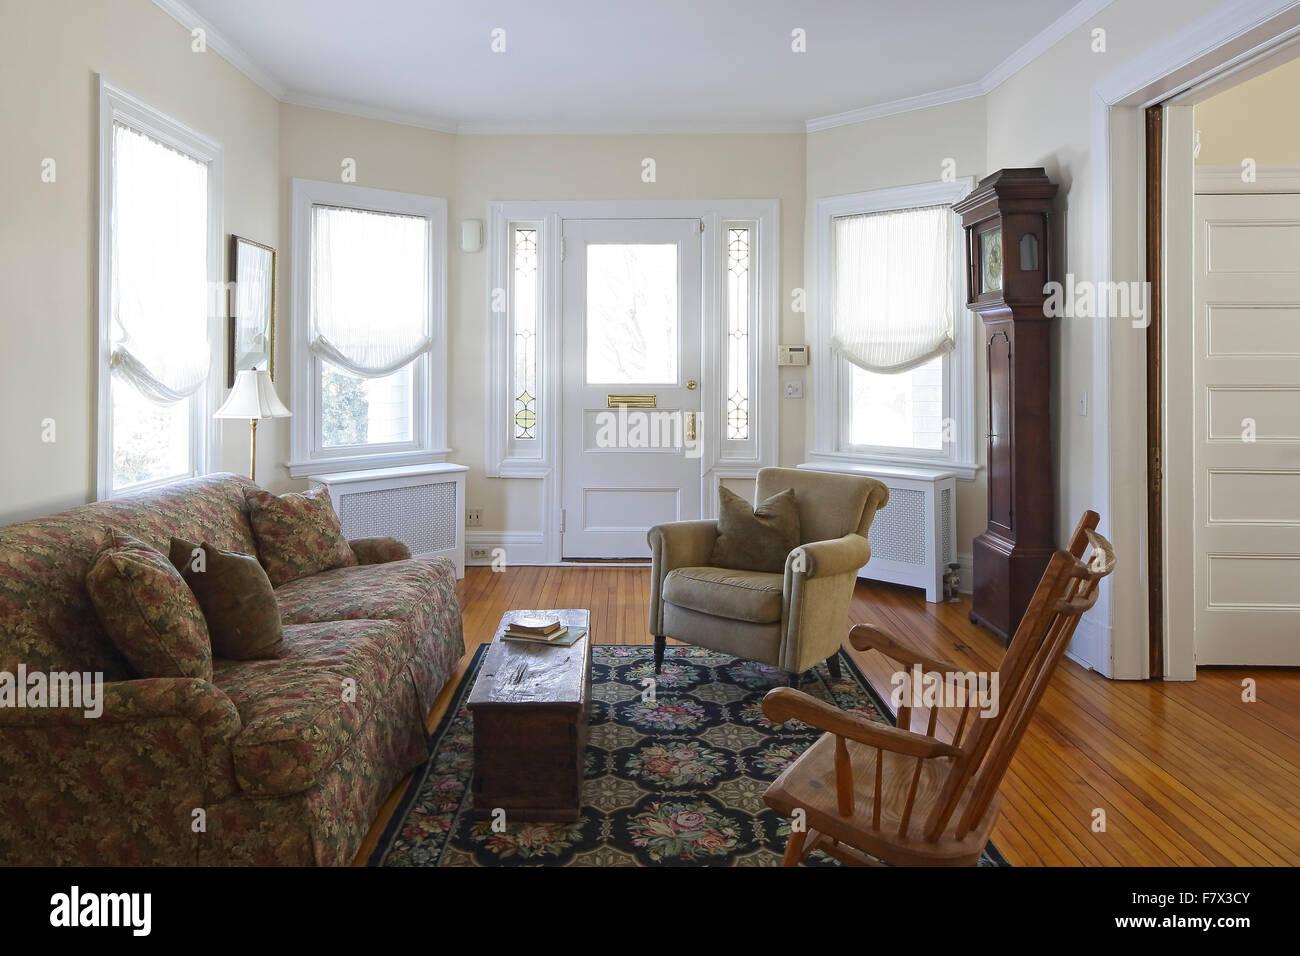 Rezeption zimmer wohnzimmer salon mit blick auf den for Wohnzimmer queen